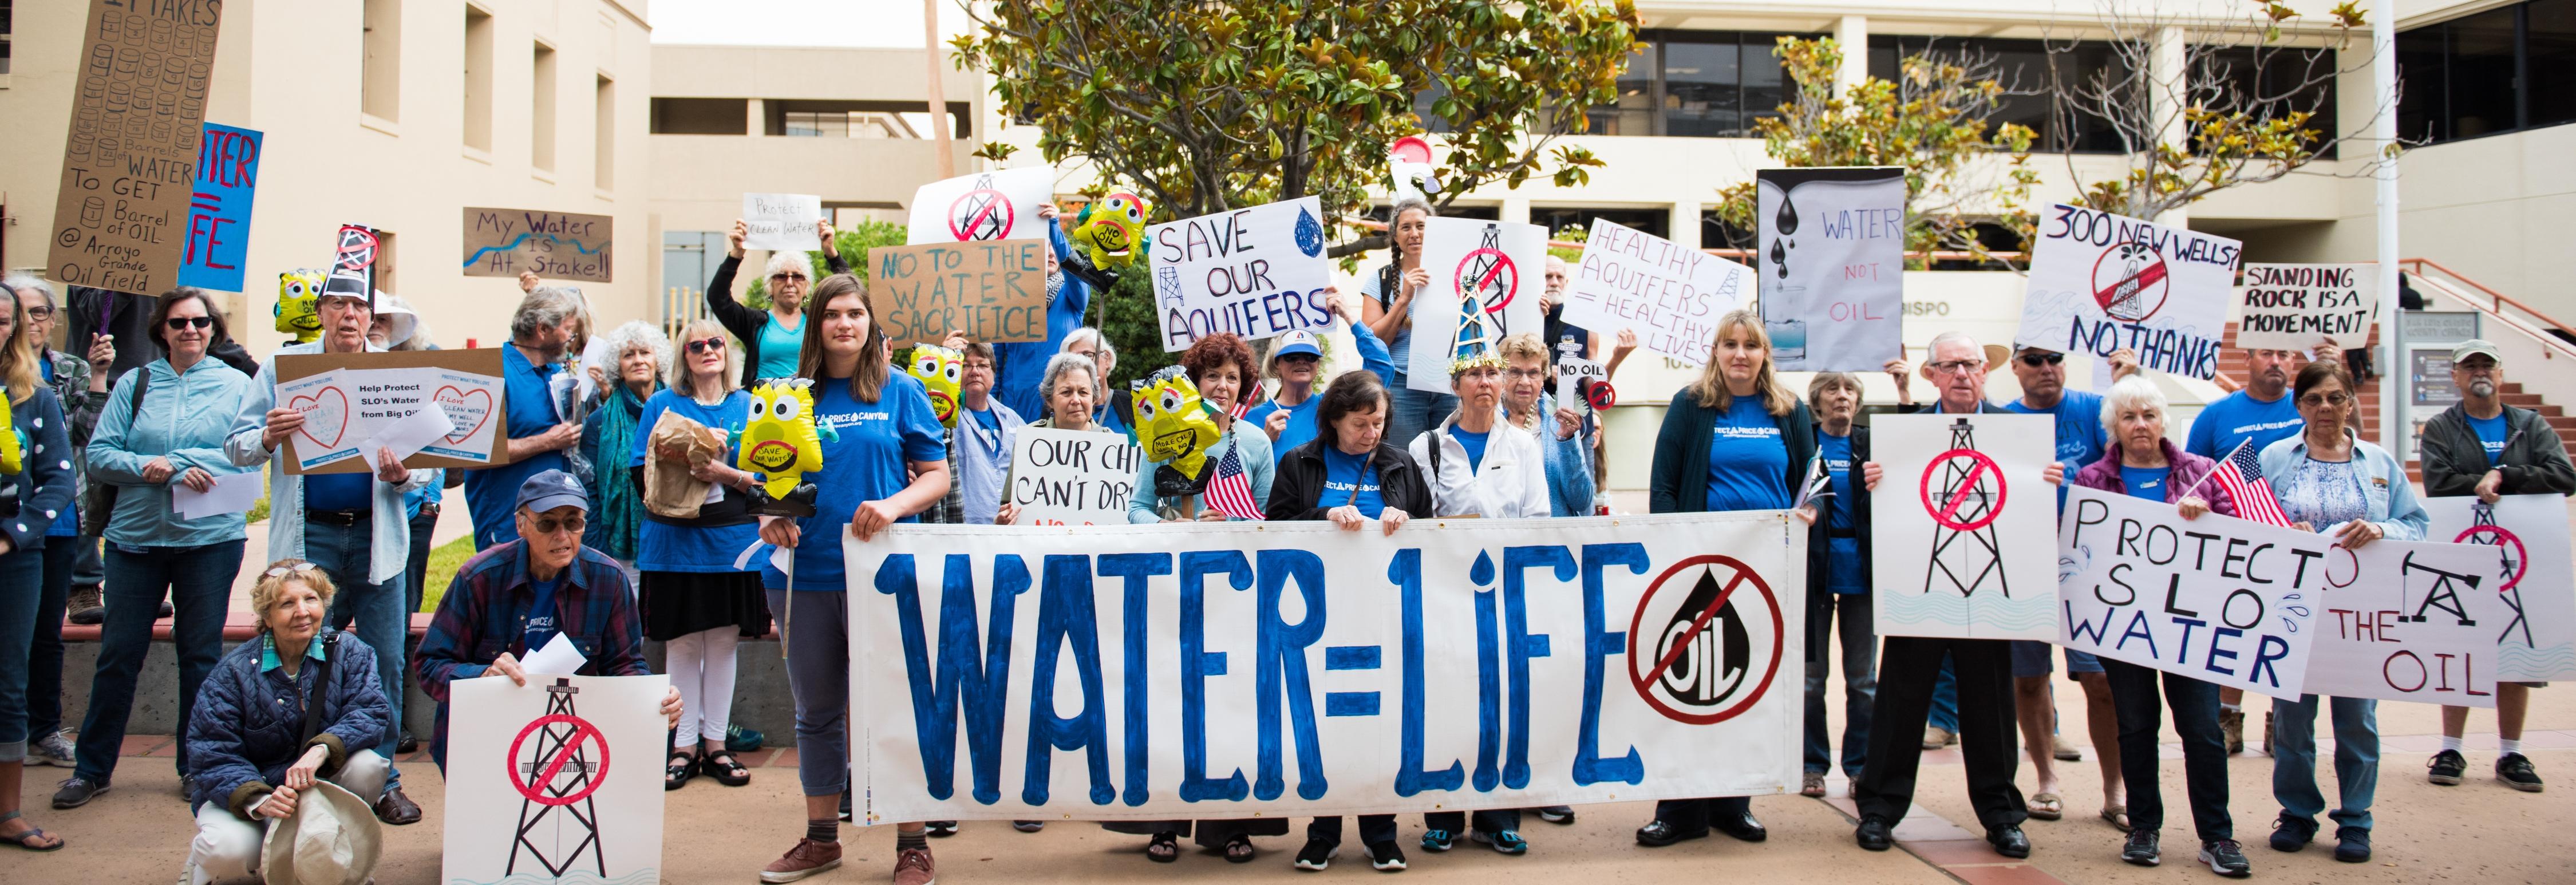 Water.LifeBanner.jpg